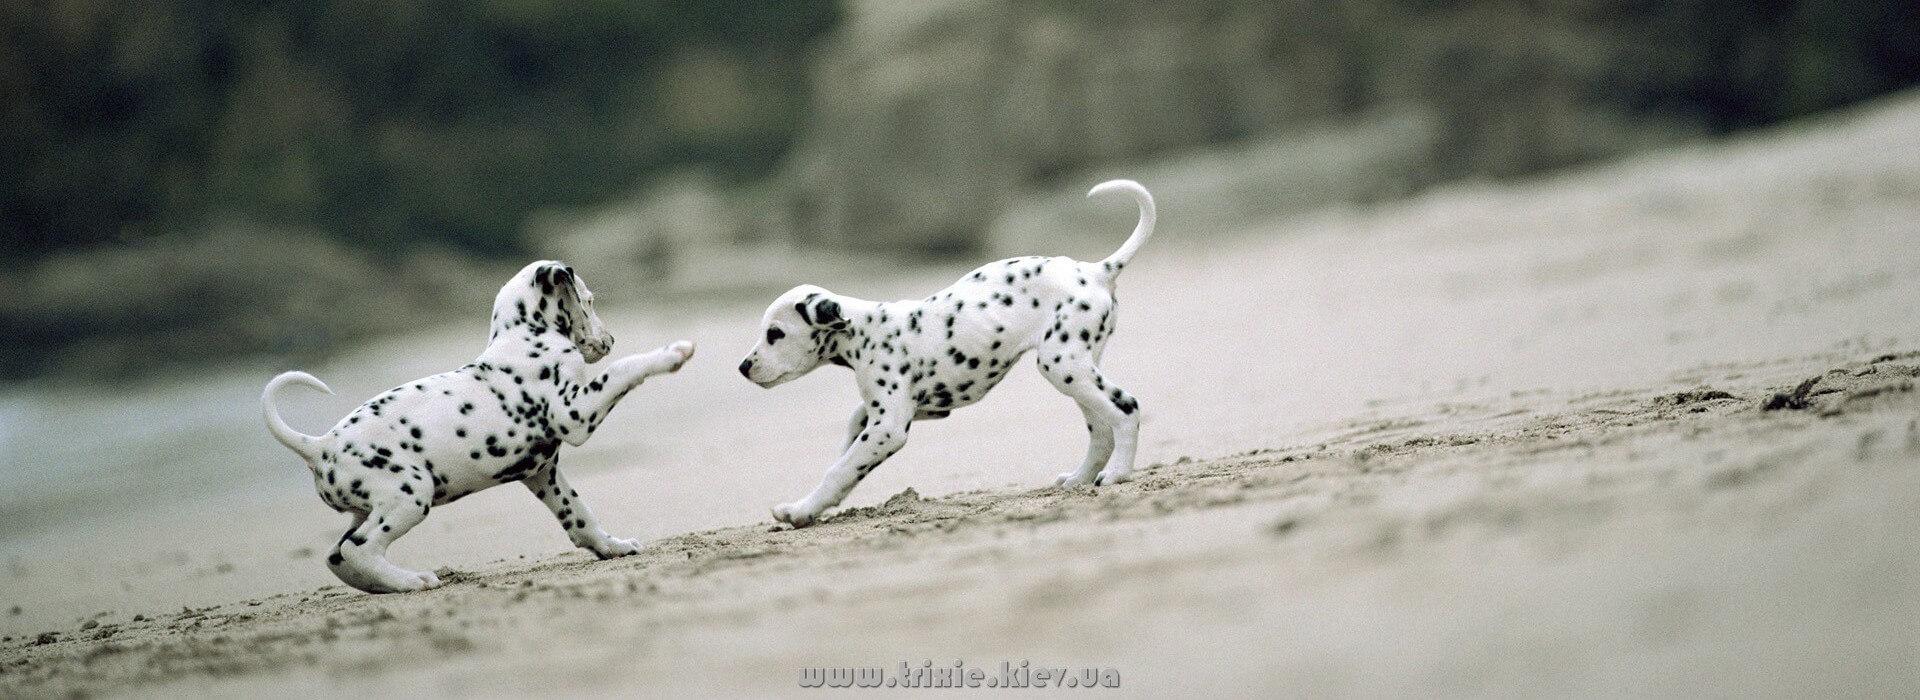 Зоотовары Trixie для собак и щенков - лучшая цена в Киеве и Украине